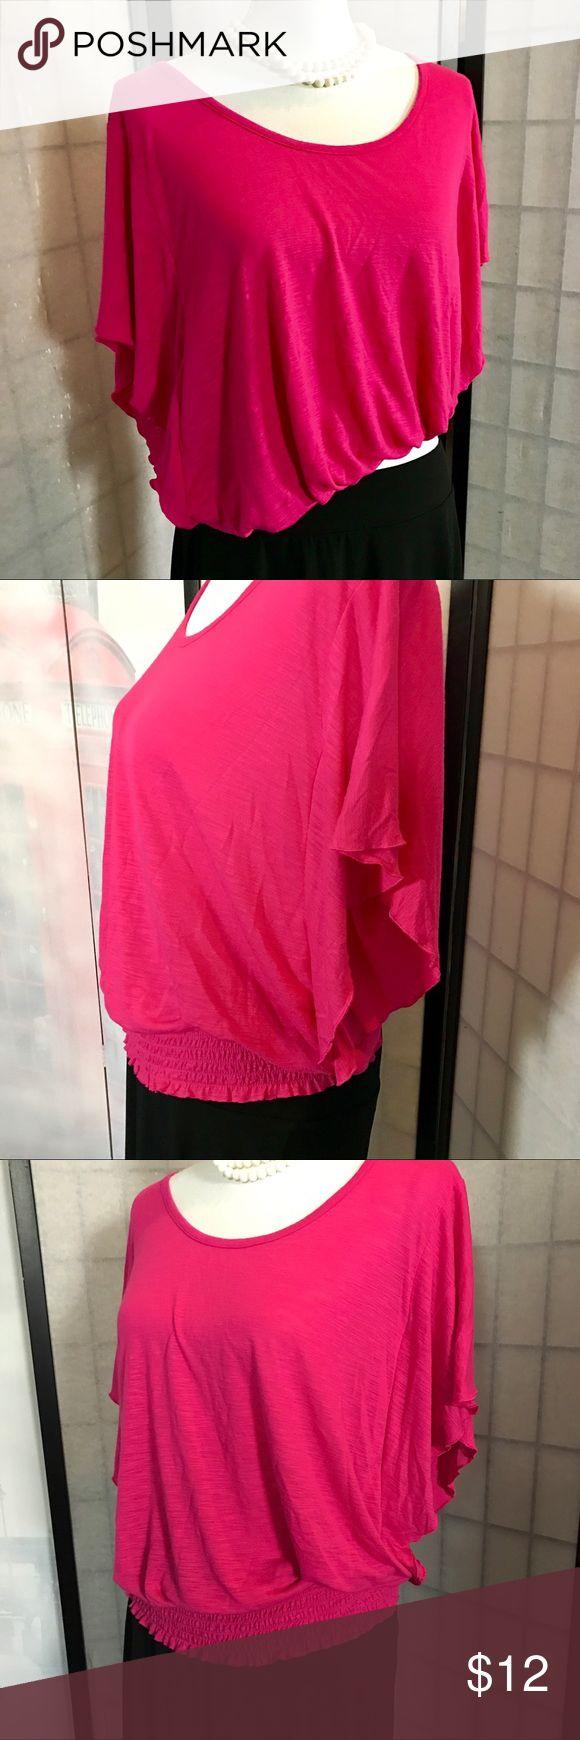 Sweet Pink batwing top XL Sweet Pink batwing top XL Tops